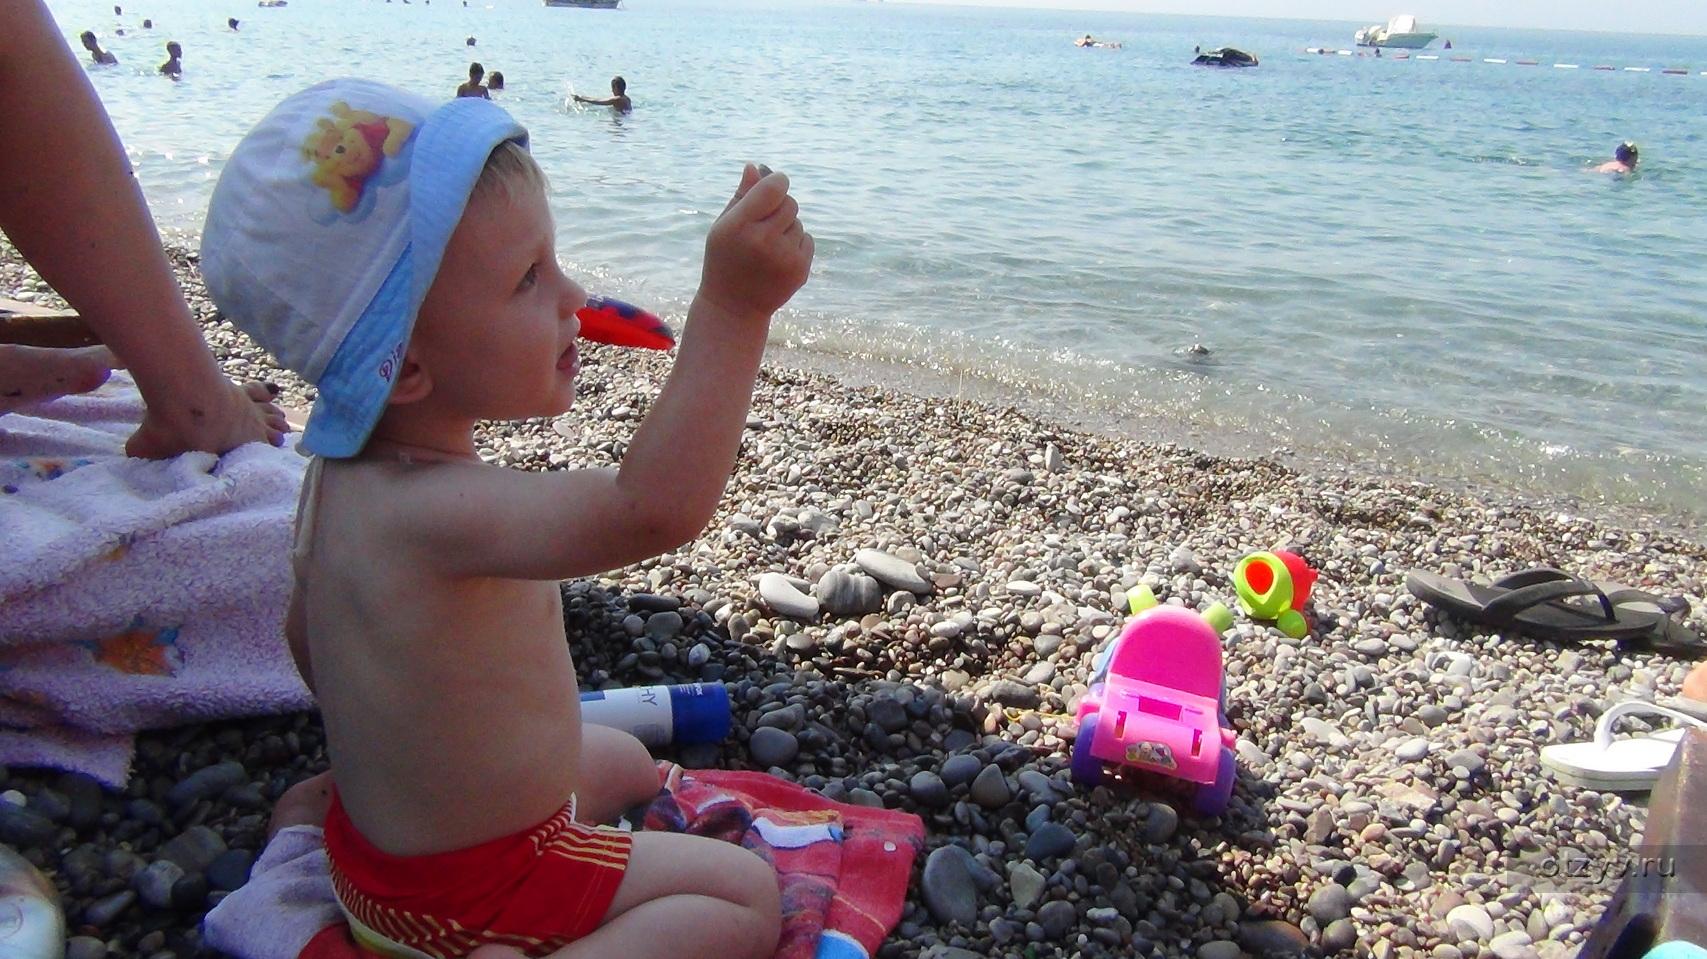 Семьи нудистов голые на пляже фото